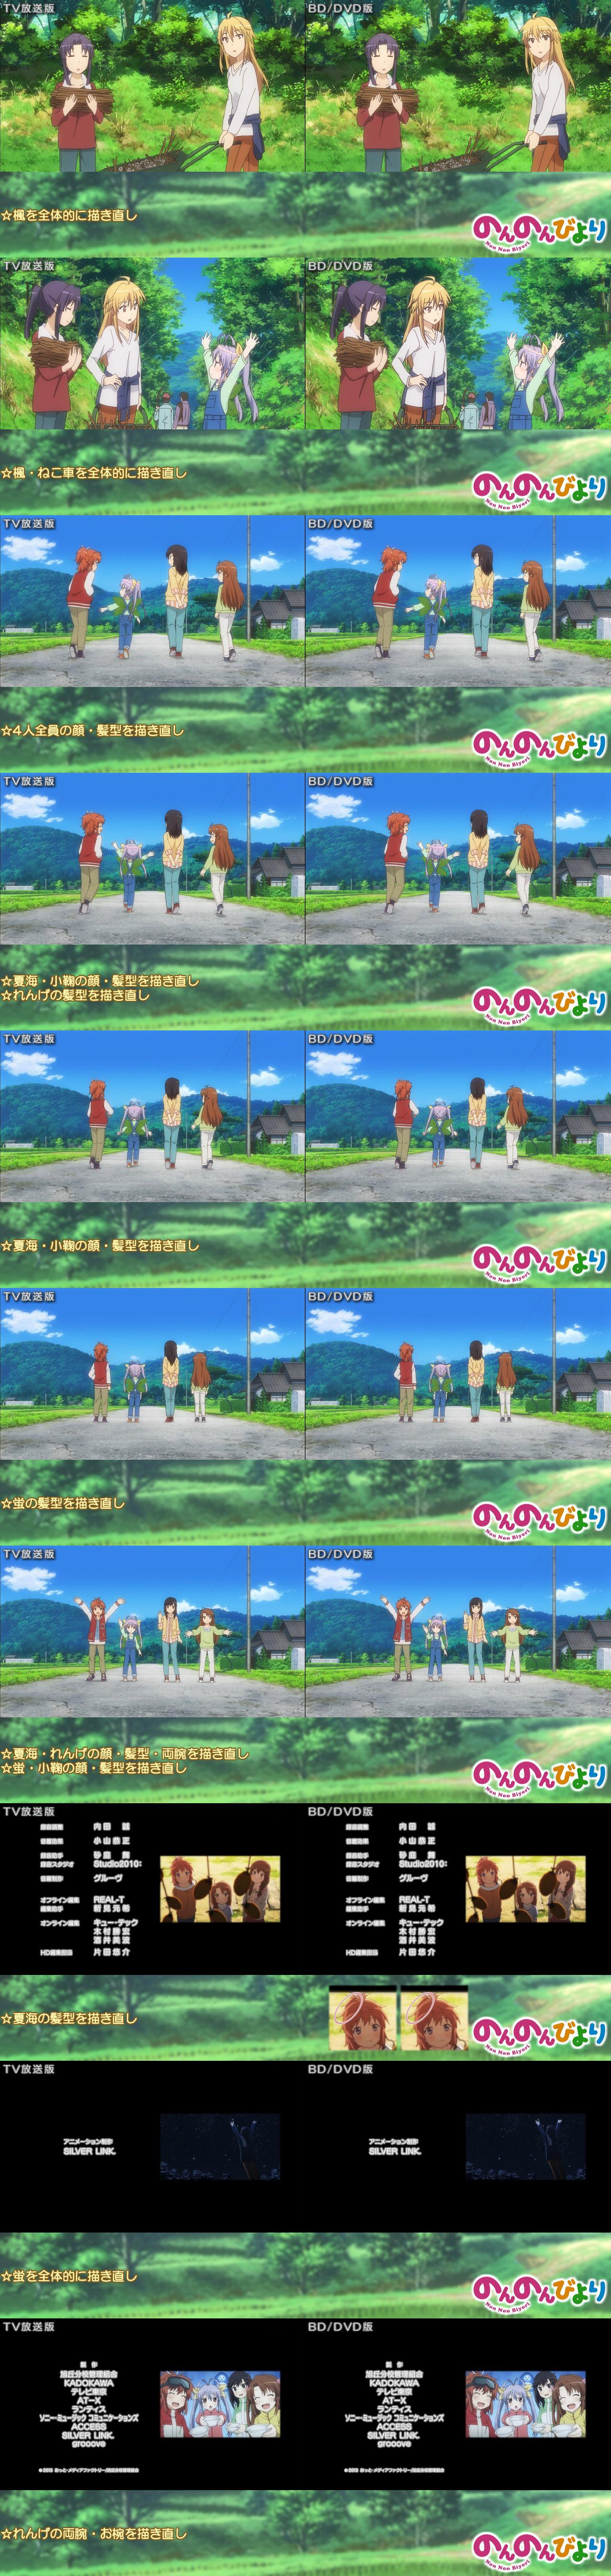 Non-Non-Biyori-TV-and-Blu-ray-Comparisons-Episode-12-4